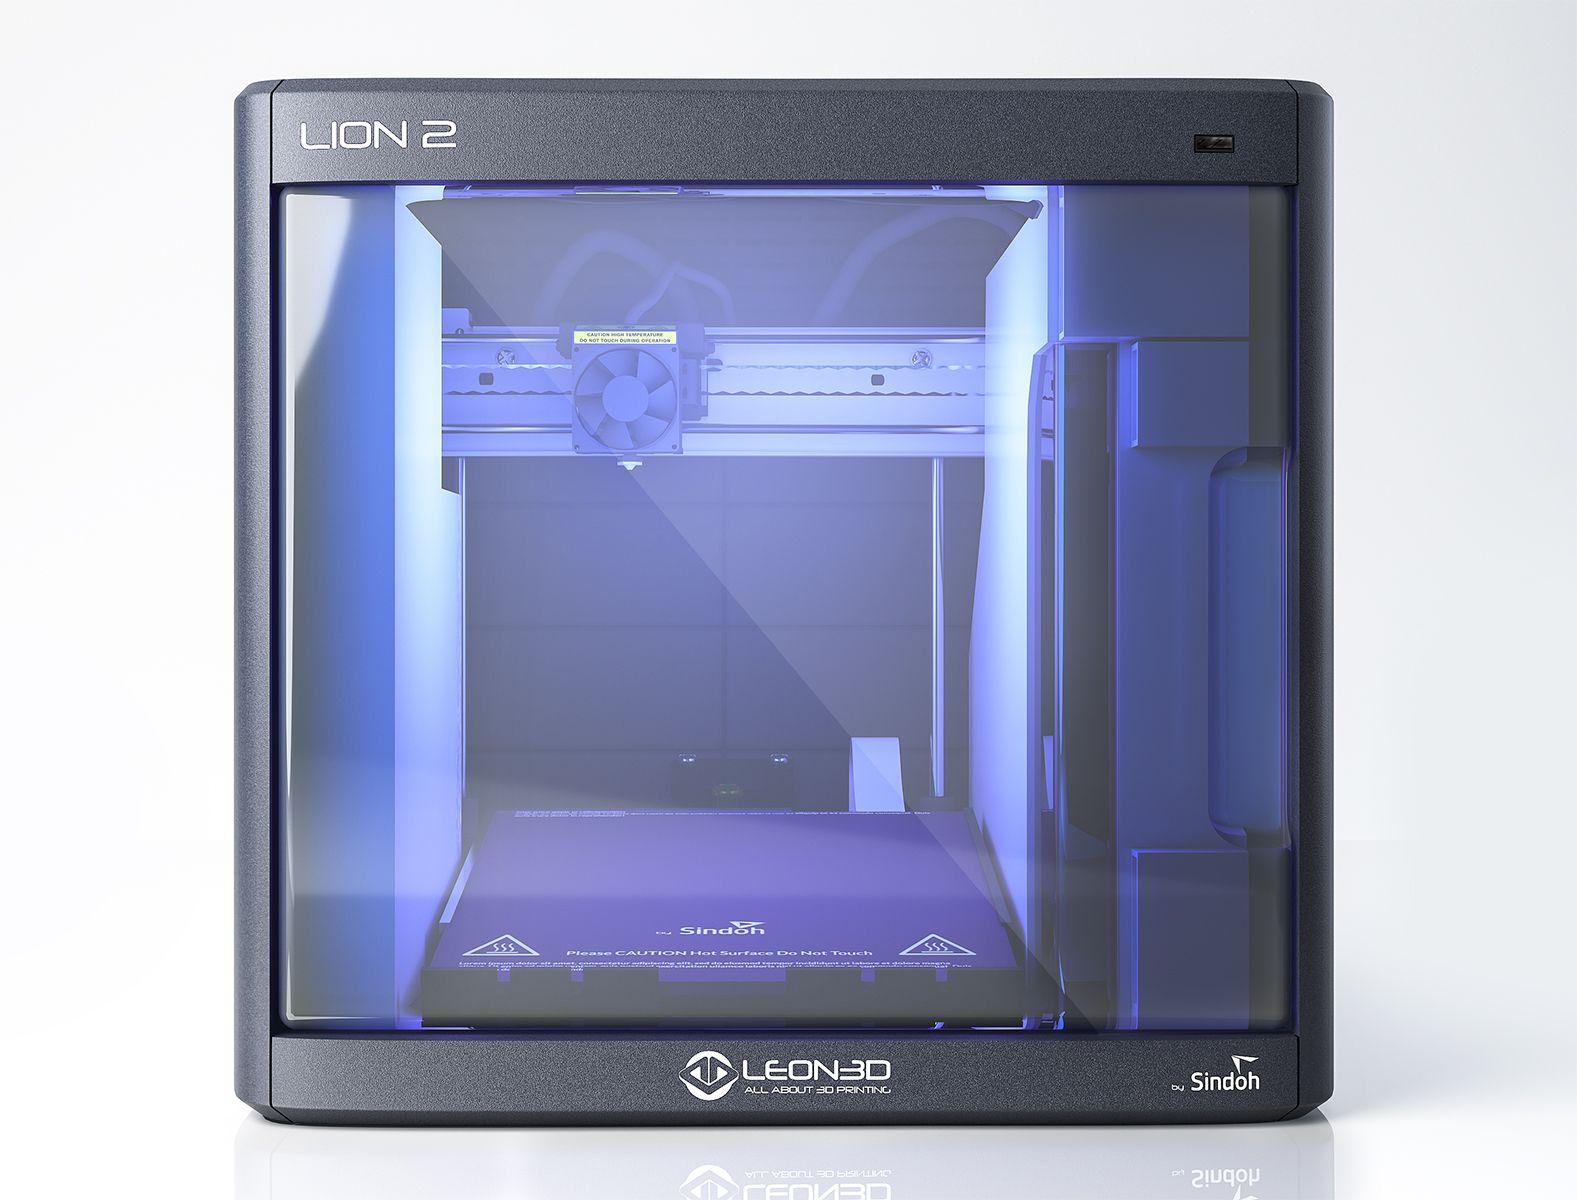 """La mejor impresora 3D del mundo, la nueva  """"LION 2""""."""